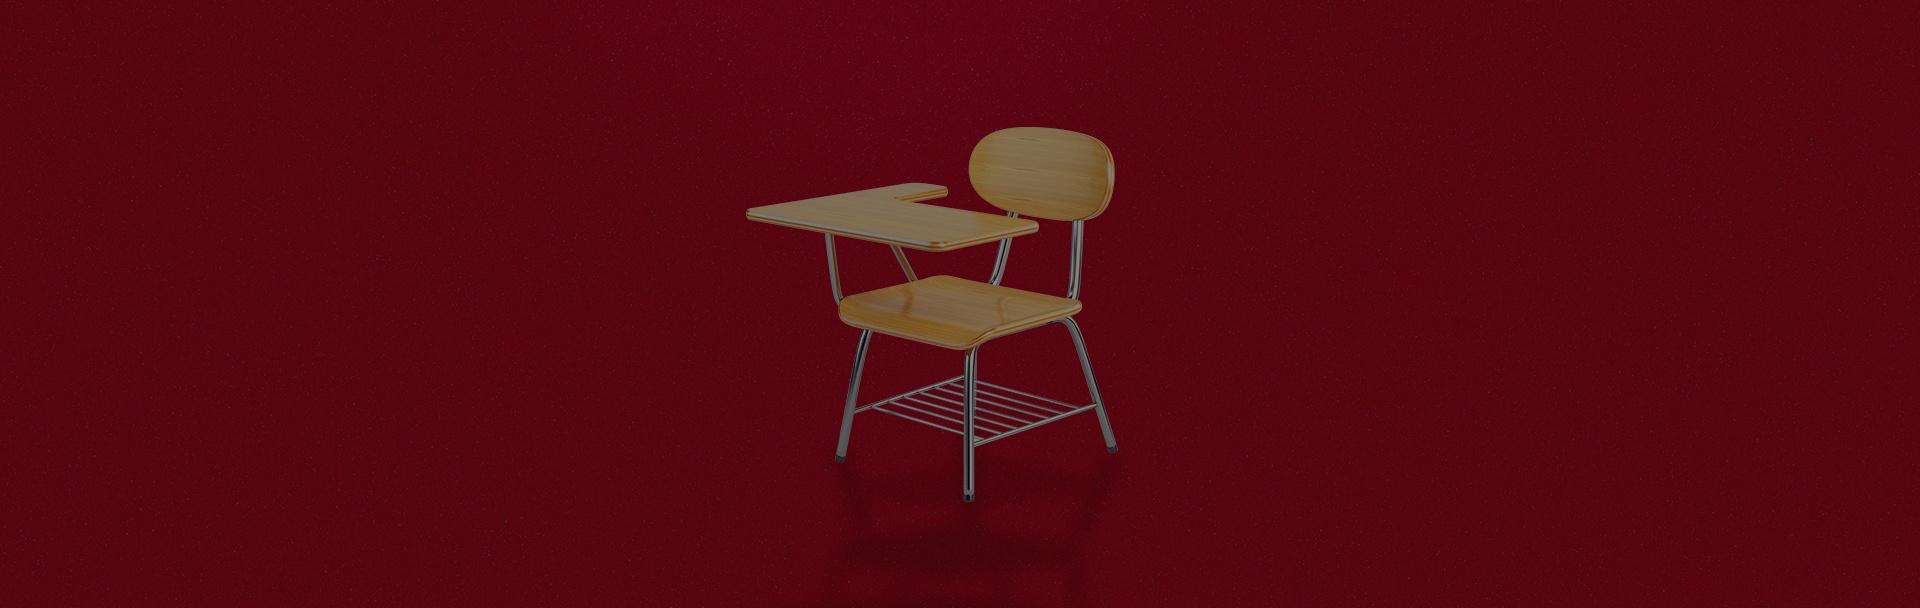 solucionweb-banner-blog-preparate-con-mas-escritorios-Empieza-el-año-escolar-posicionando-tu-centro-educativo-en-Redes-Sociales.jpg